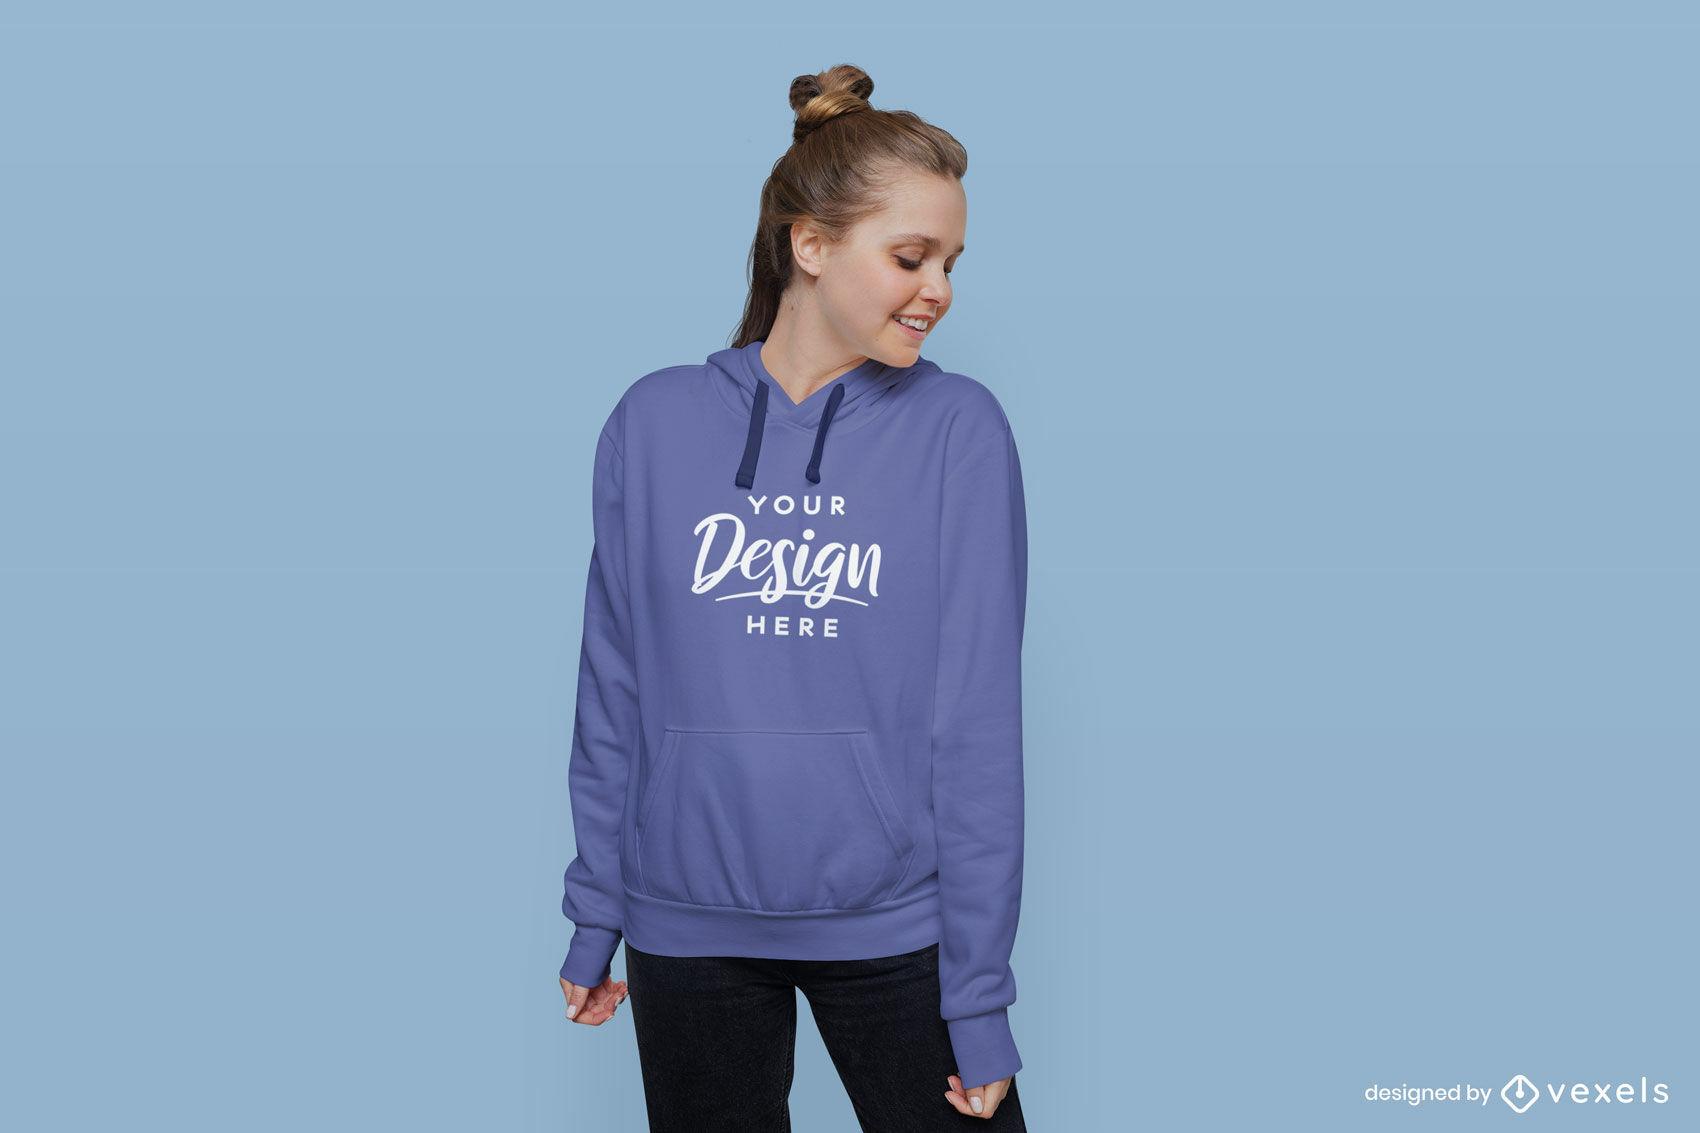 Mädchen im blauen Hoodie im flachen Hintergrundmodell